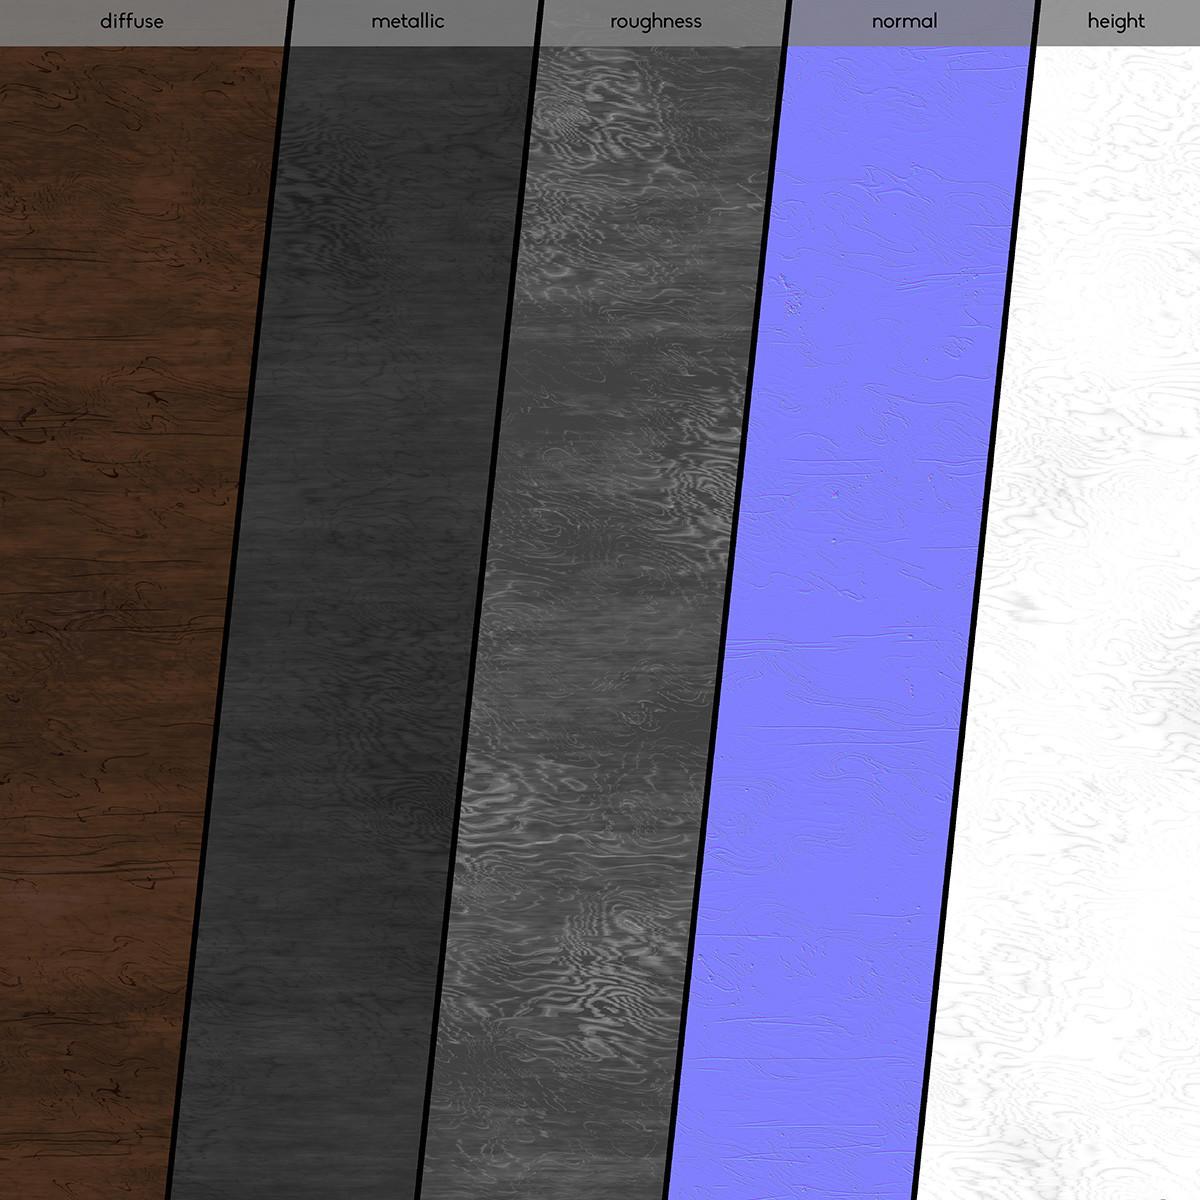 Krzysztof szrama plain wood tex